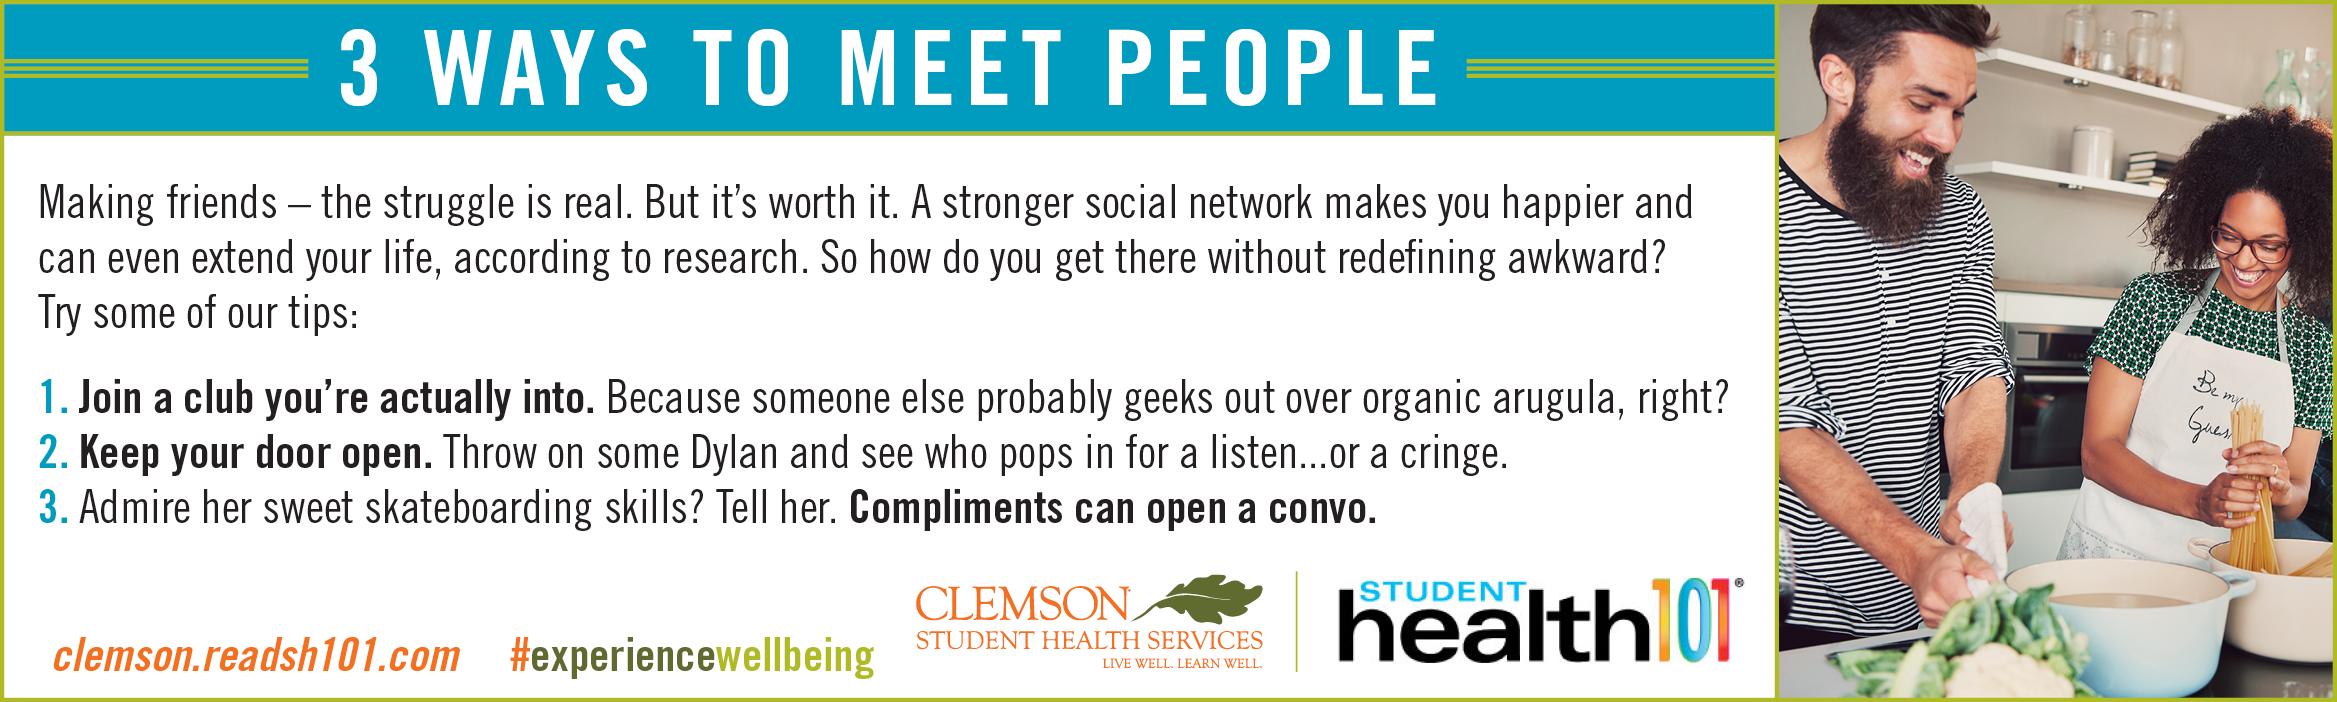 3 Ways to Meet People